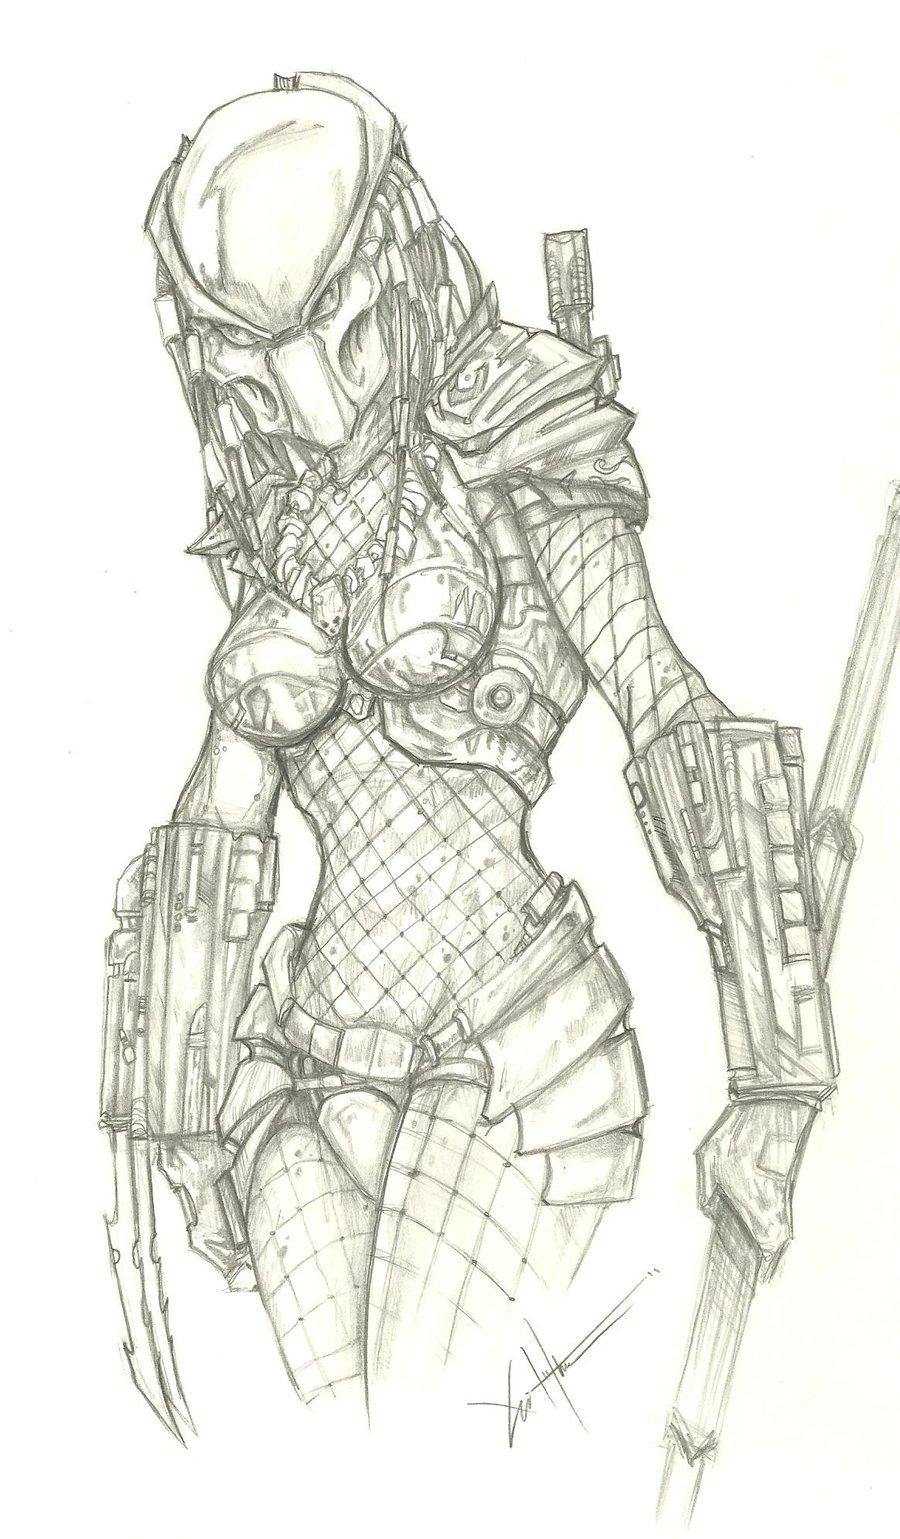 Drawn warrior yautja On Alien Yautja DeviantArt Aliens